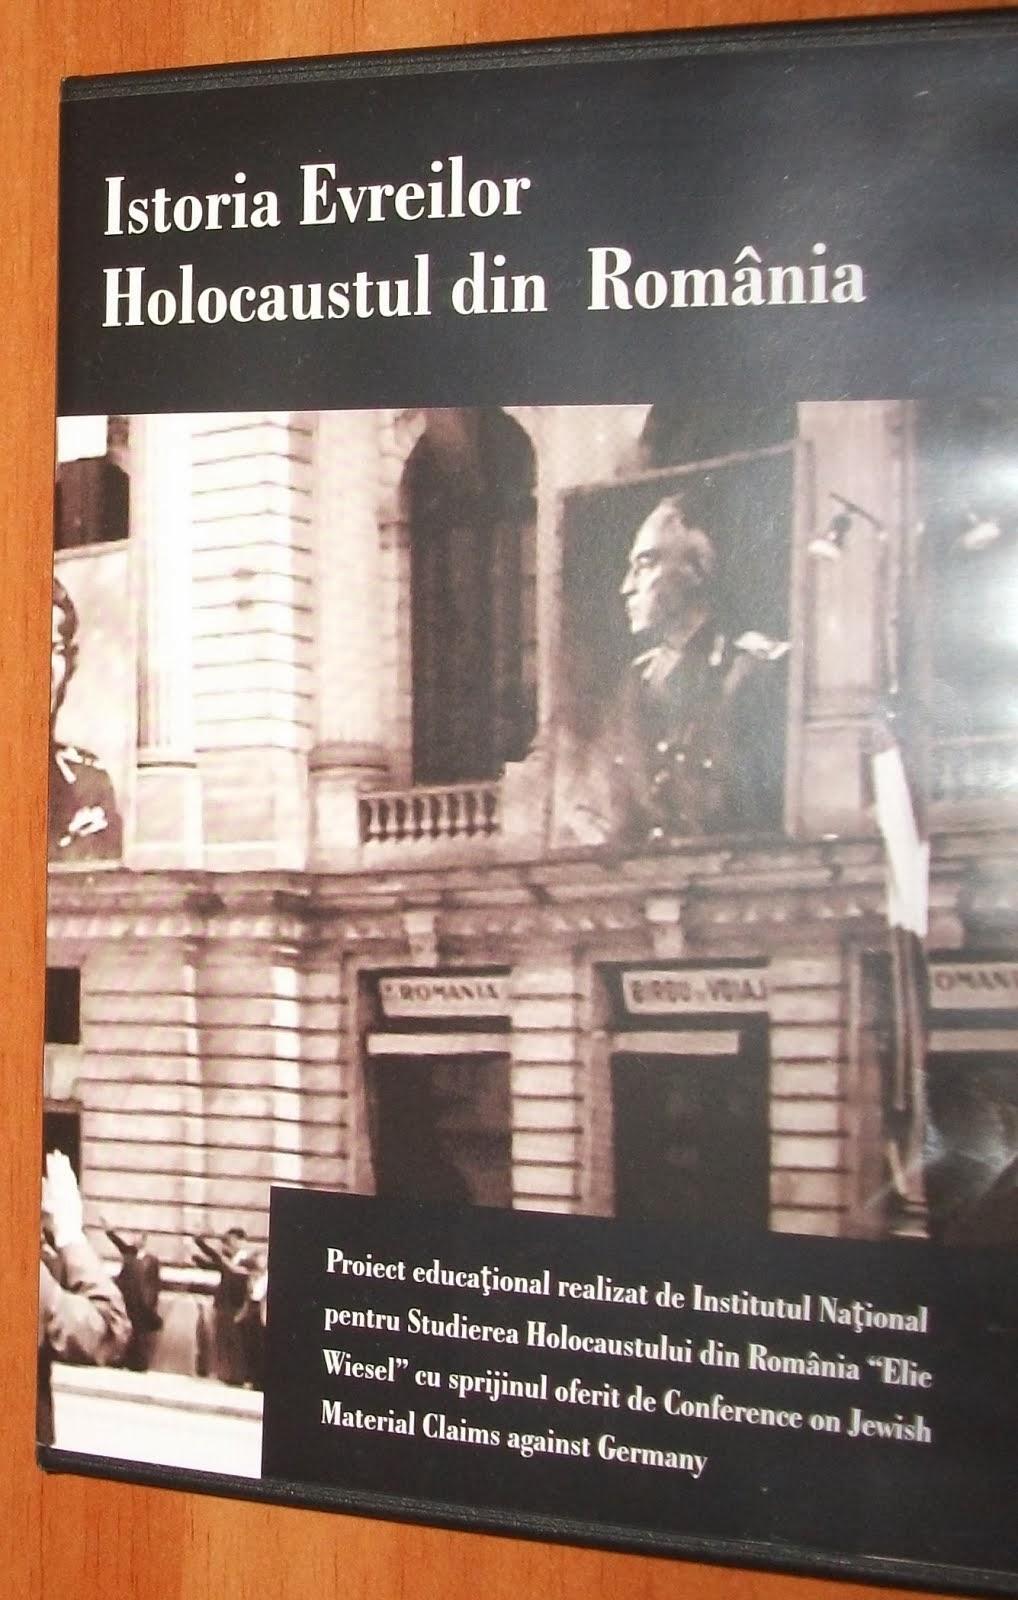 """Aspecte de la conferinţa de lansare a DVD-ului educuaţional - """"Istoria Evreilor"""", 17.12.2013..."""